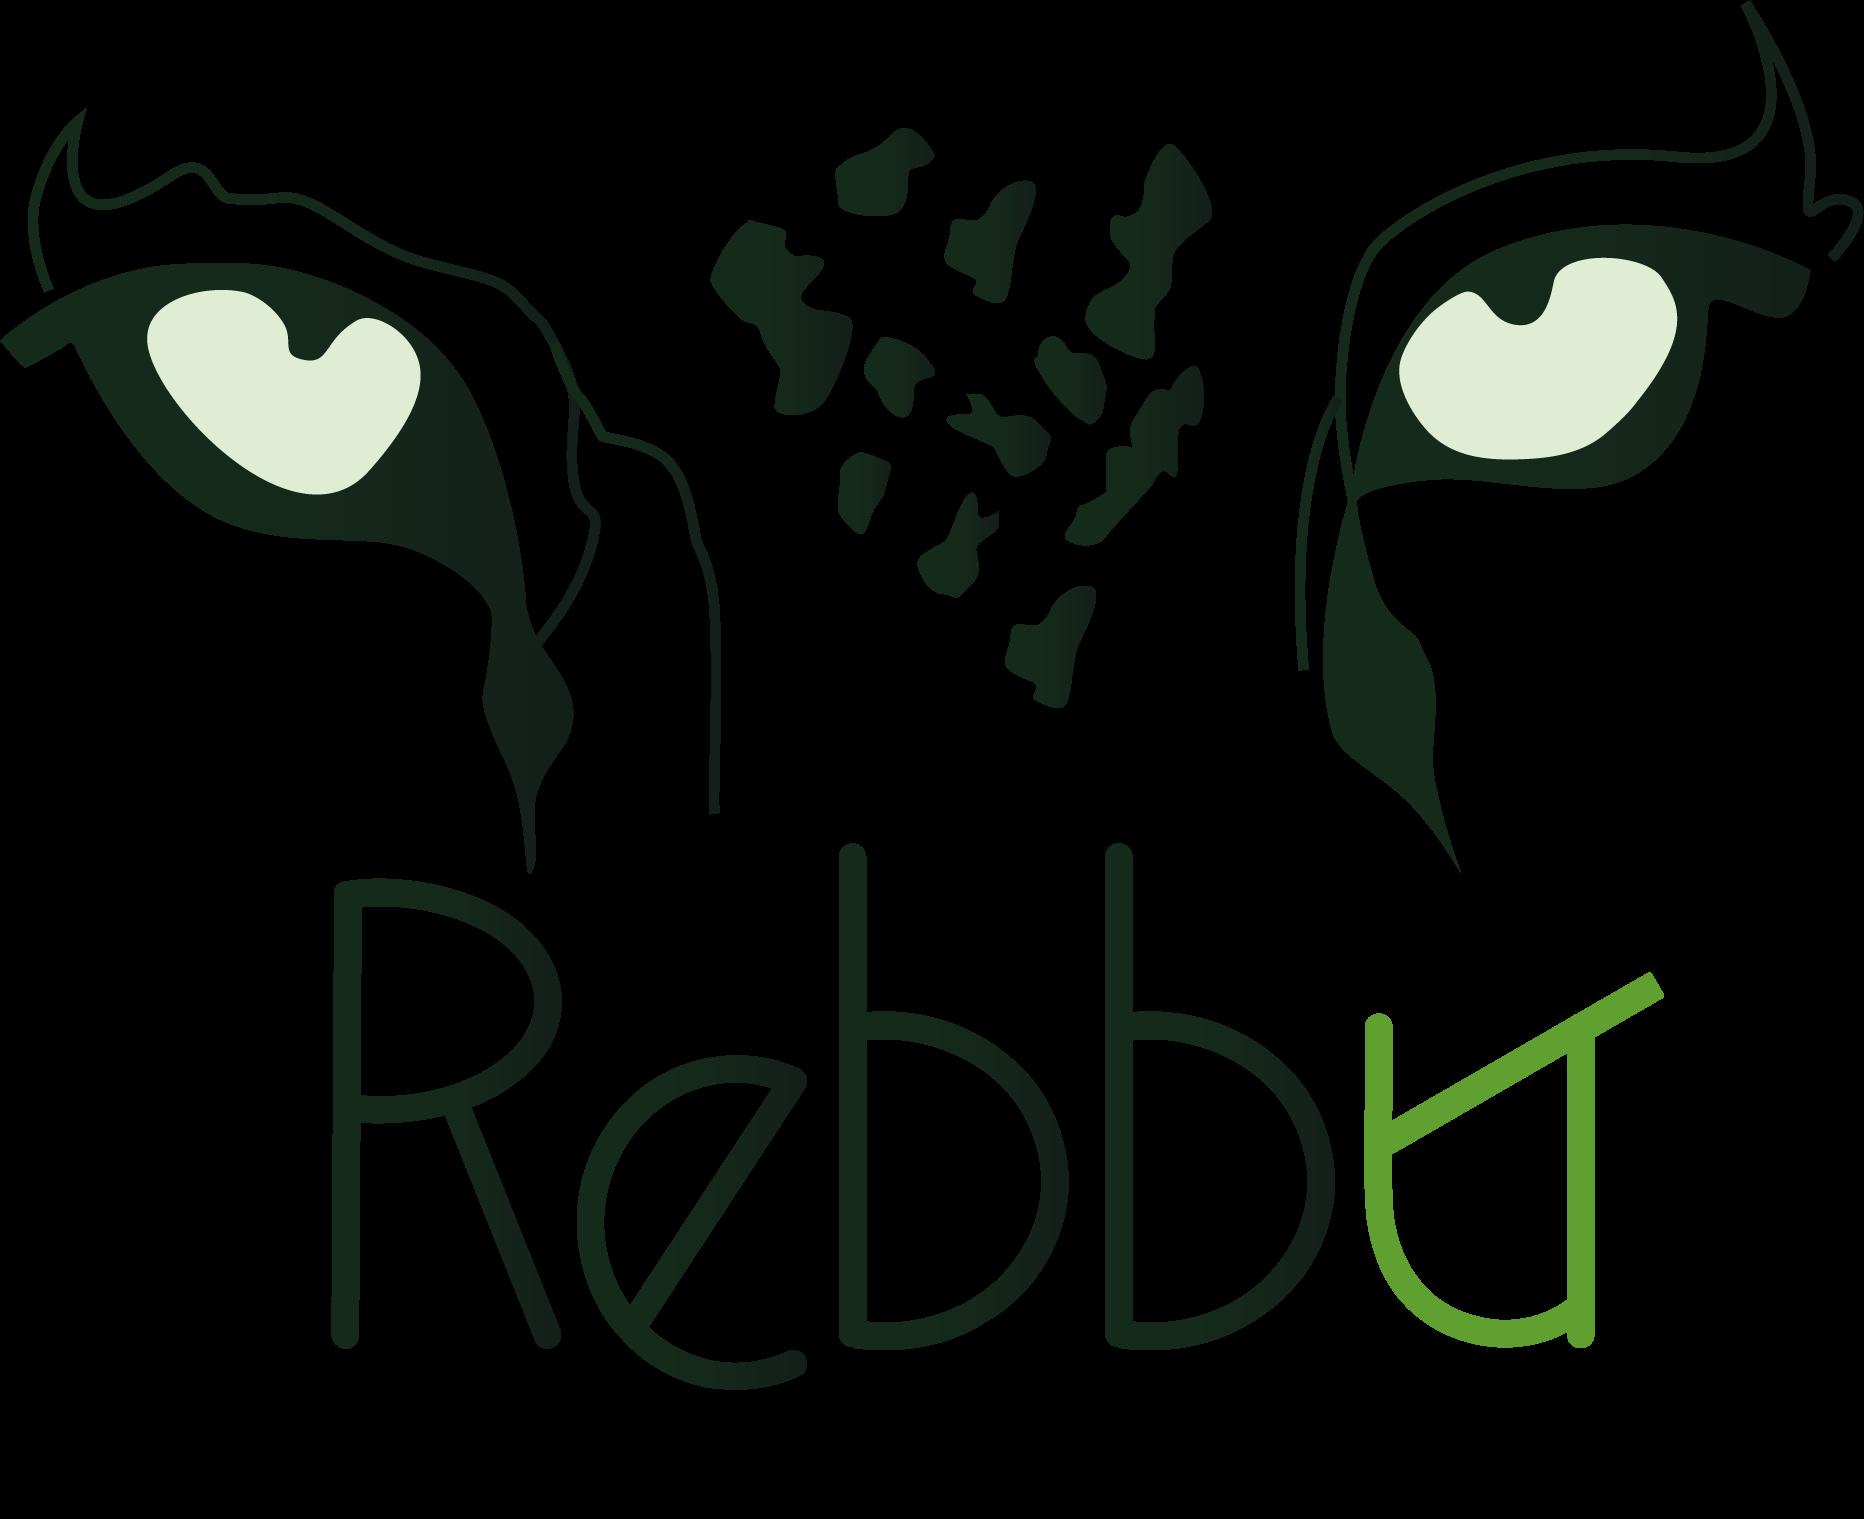 REBBU-3